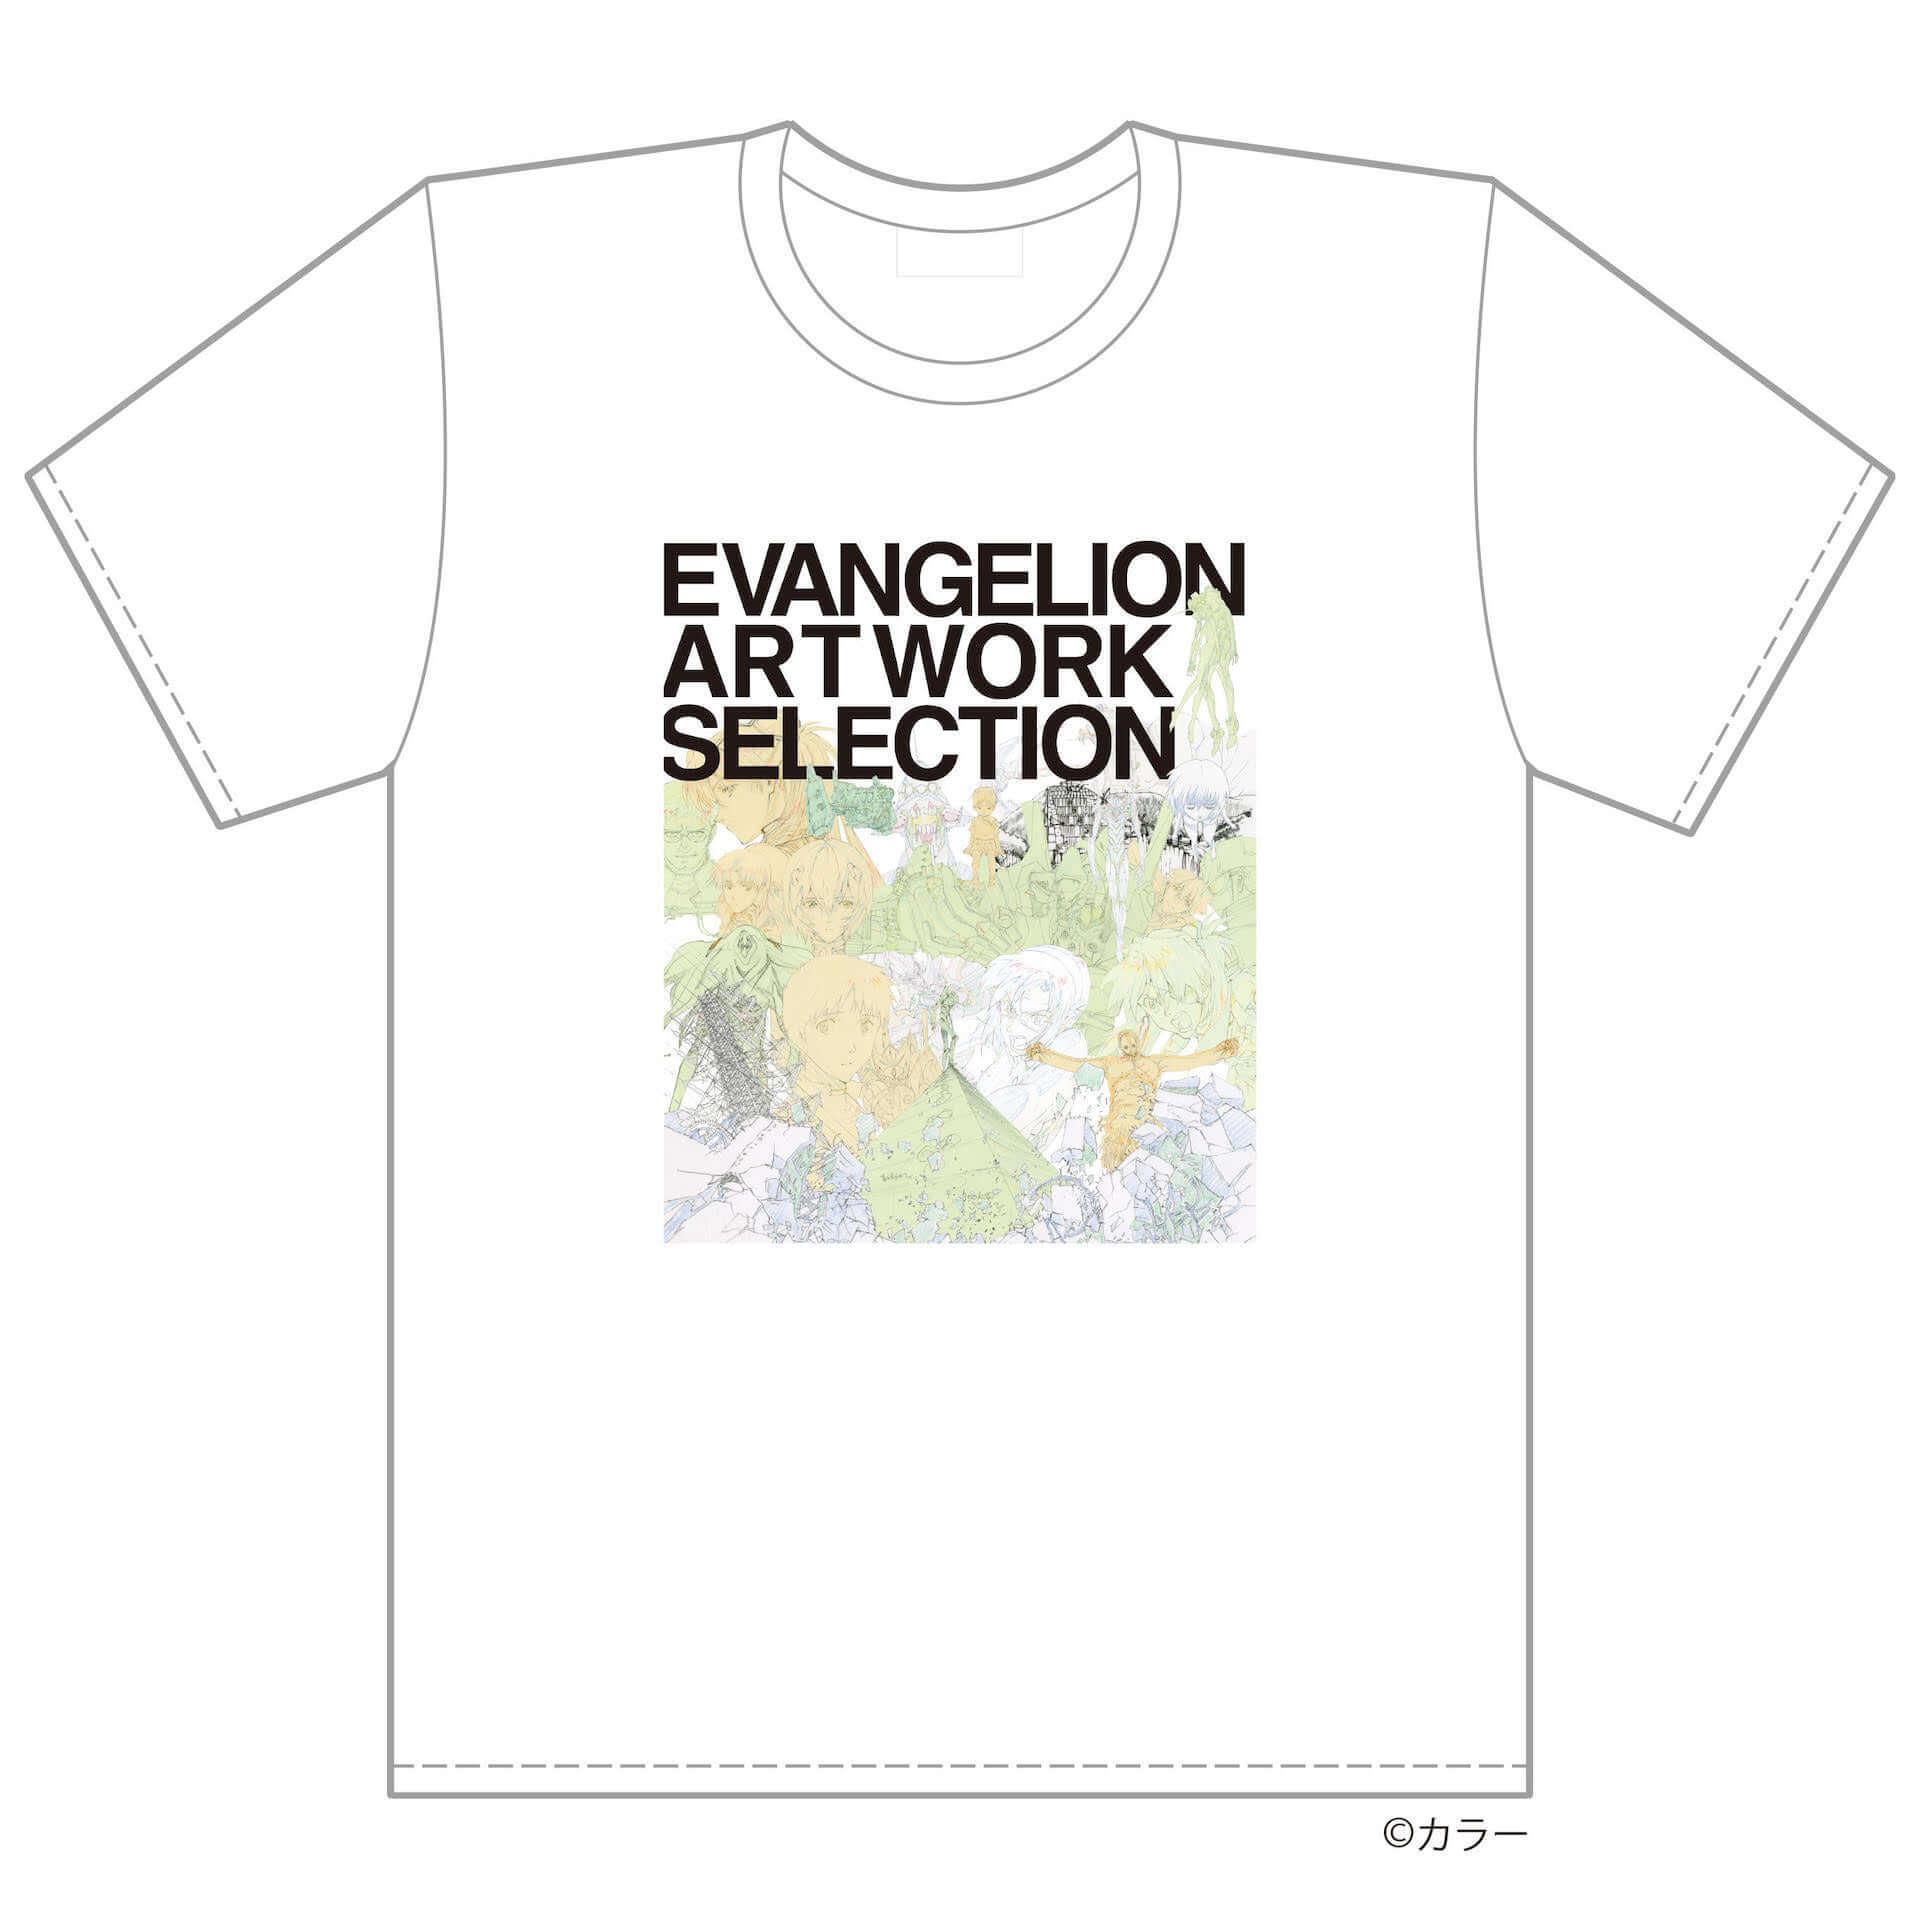 アスカ、レイたちが日本刀と交錯!<エヴァ×日本刀展>開催『シン・エヴァンゲリオン劇場版』原画など約200点が展示 artculture190808evangelion-artwork_4-1920x1919